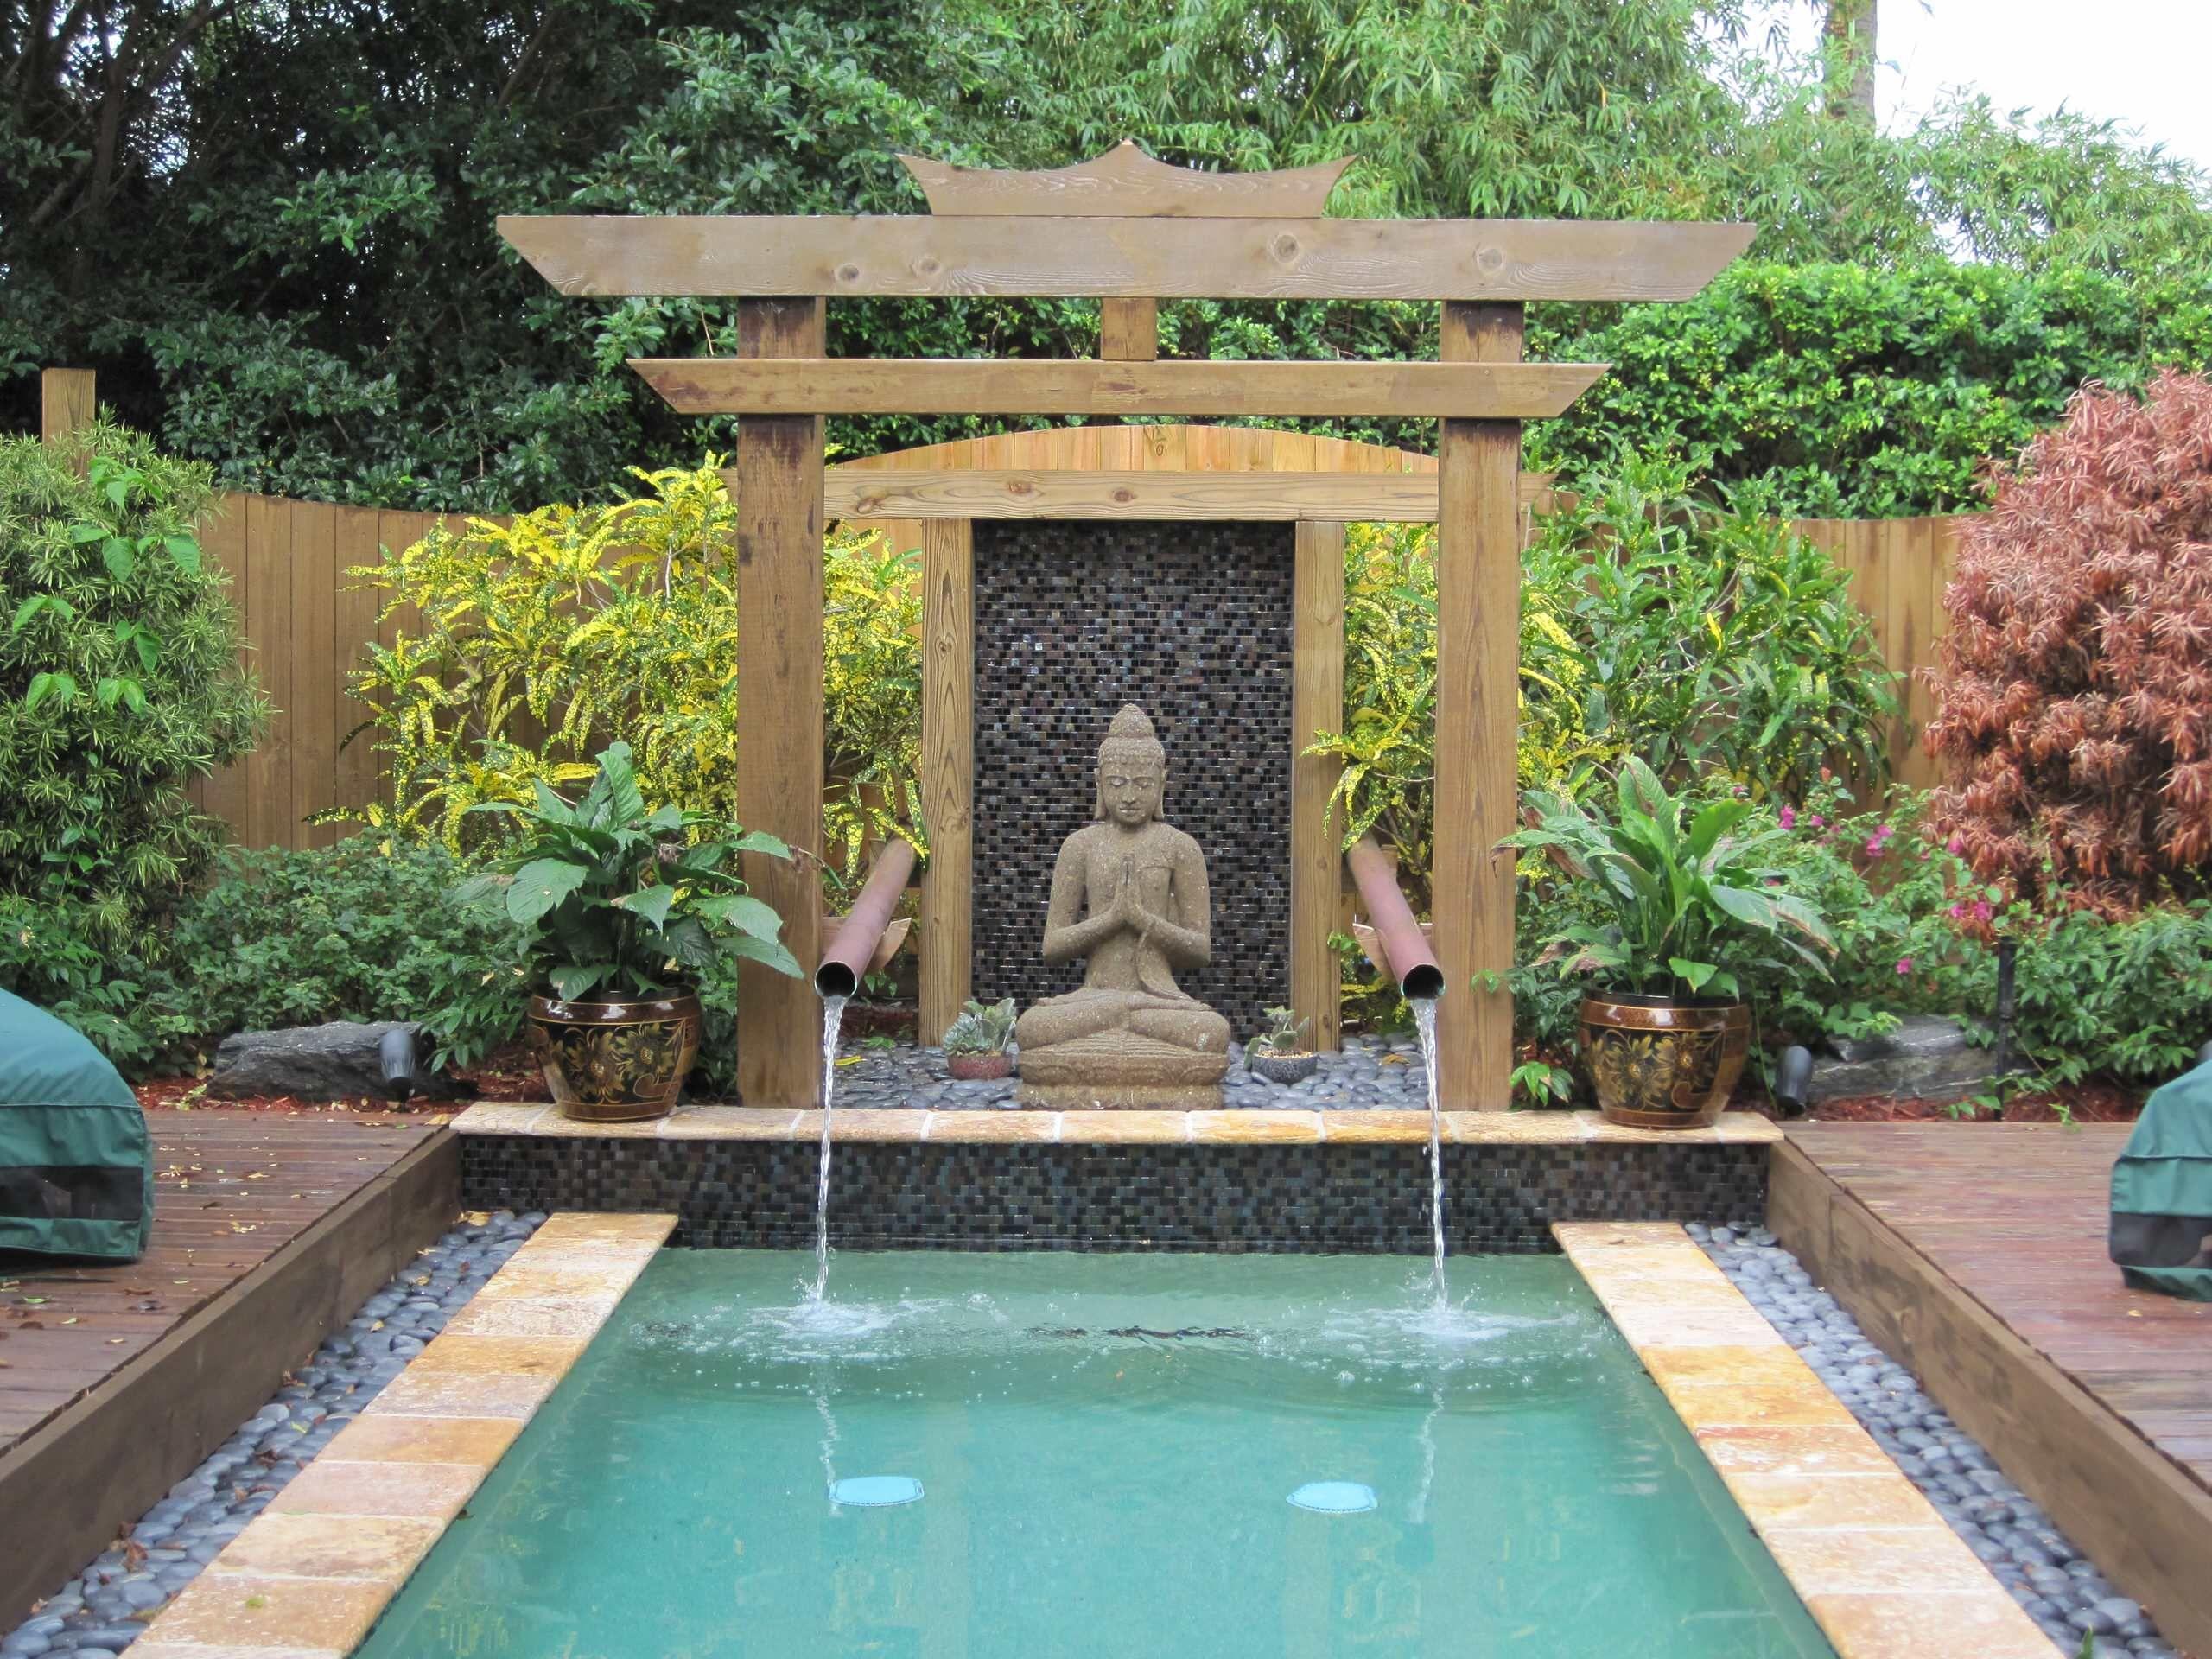 2012 hcampg ida winners gardens pools pavilions for Zen pool design